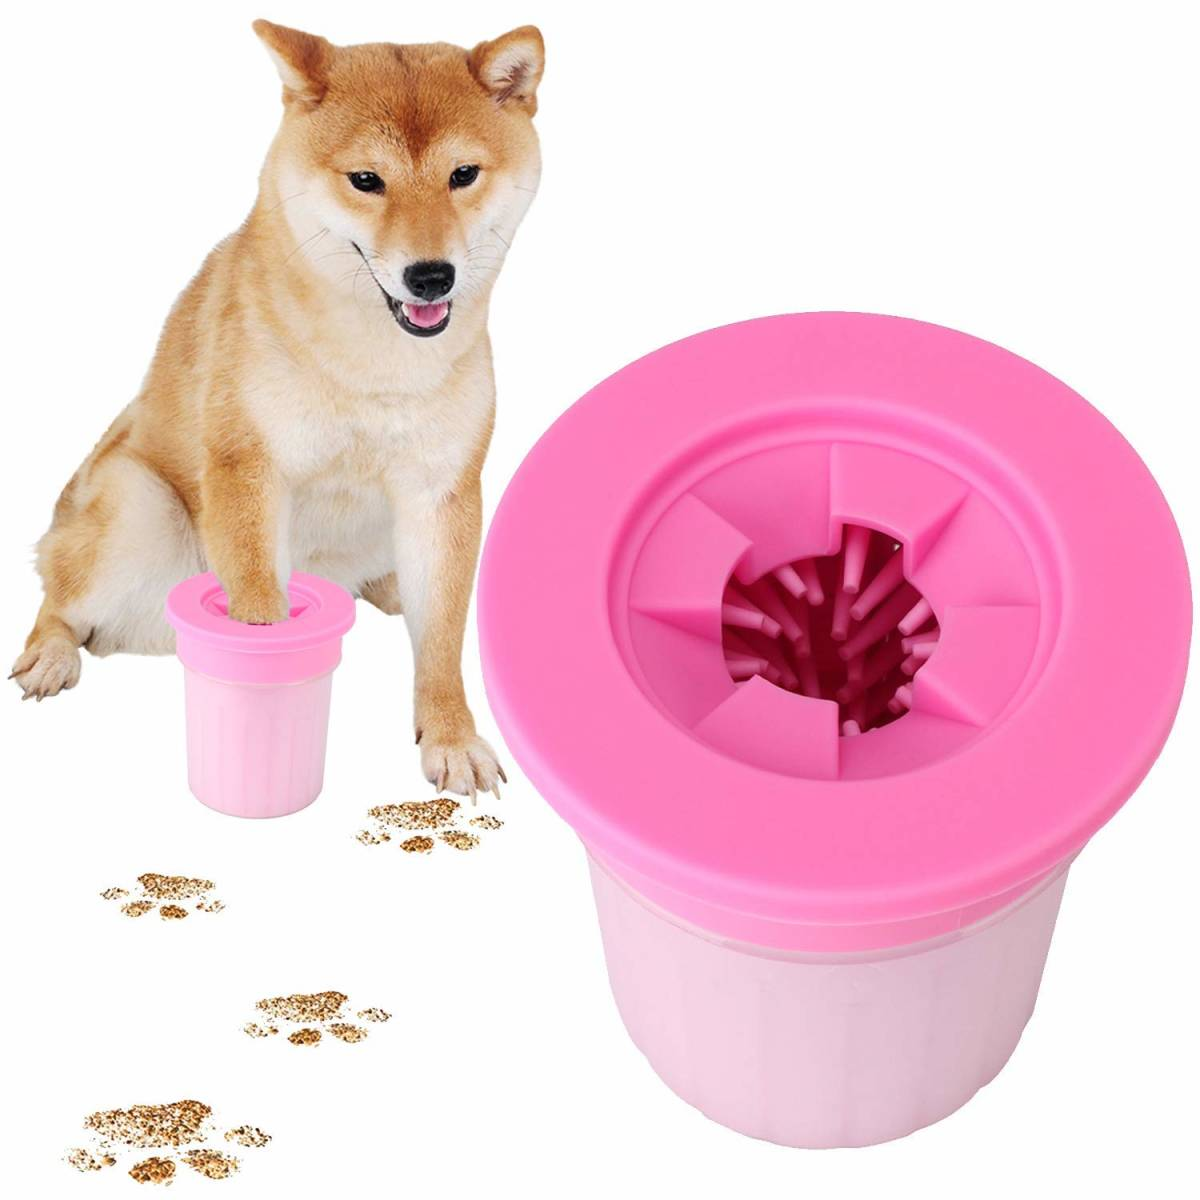 室内犬いぬ犬イヌ足洗いブラシカップ猫ペットドアuserに足用クリーナー清浄力3倍愛犬のお散歩帰り足洗いS-M小型/中型犬用 足の裏シャンプー_画像1